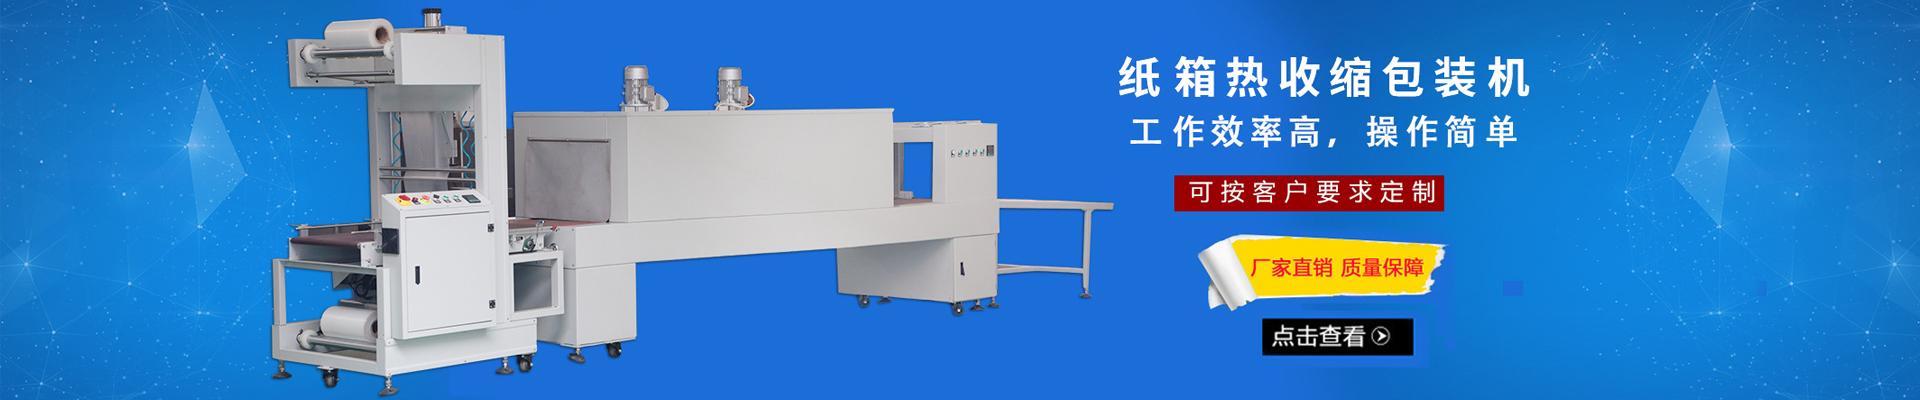 张家港市恒光包装机械有限公司